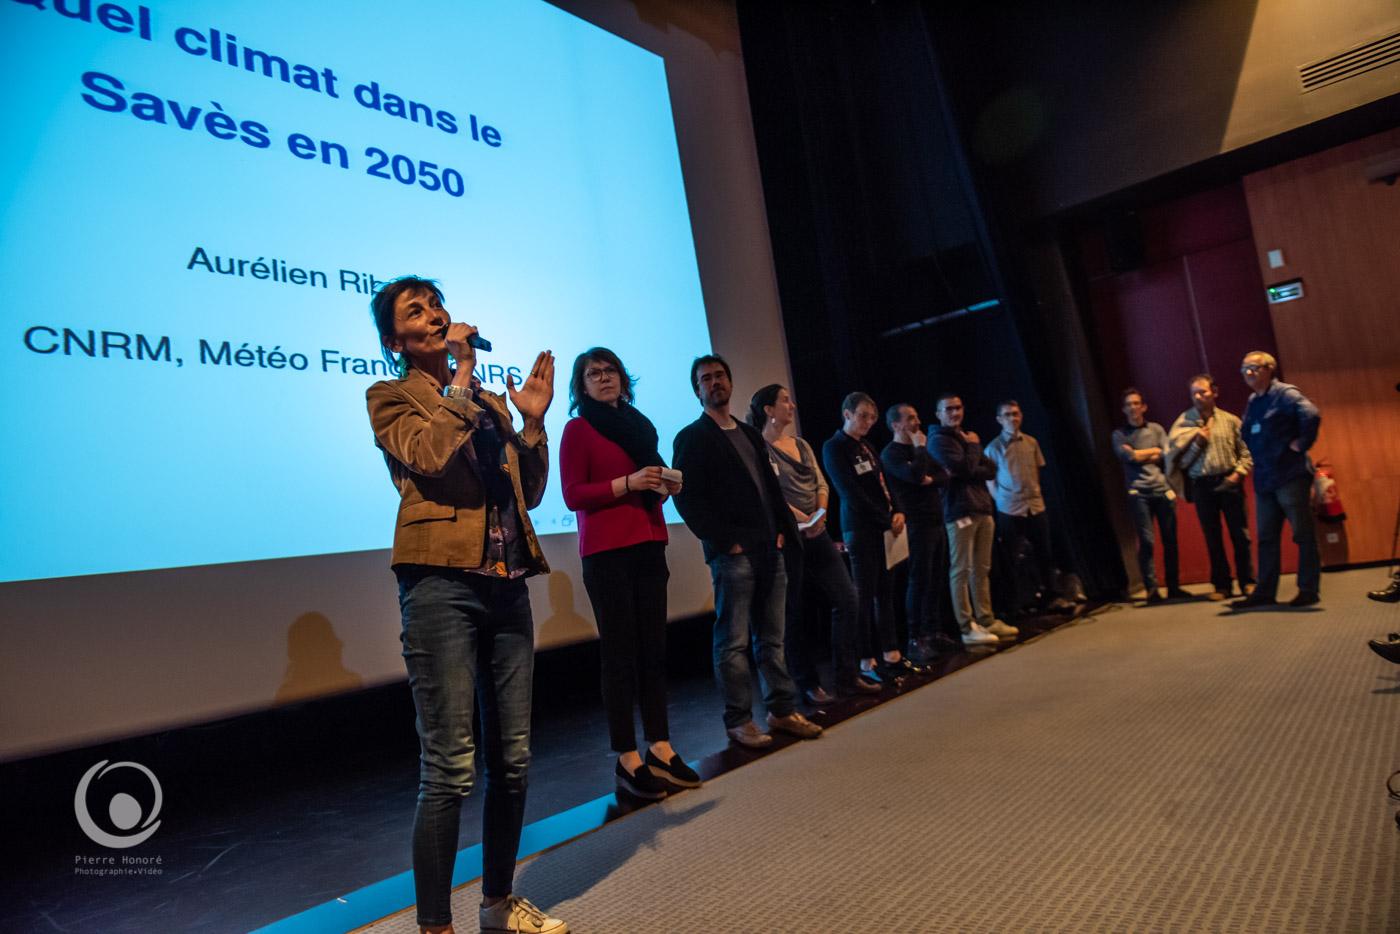 Conférence sur le Climat dans le Savès 2019